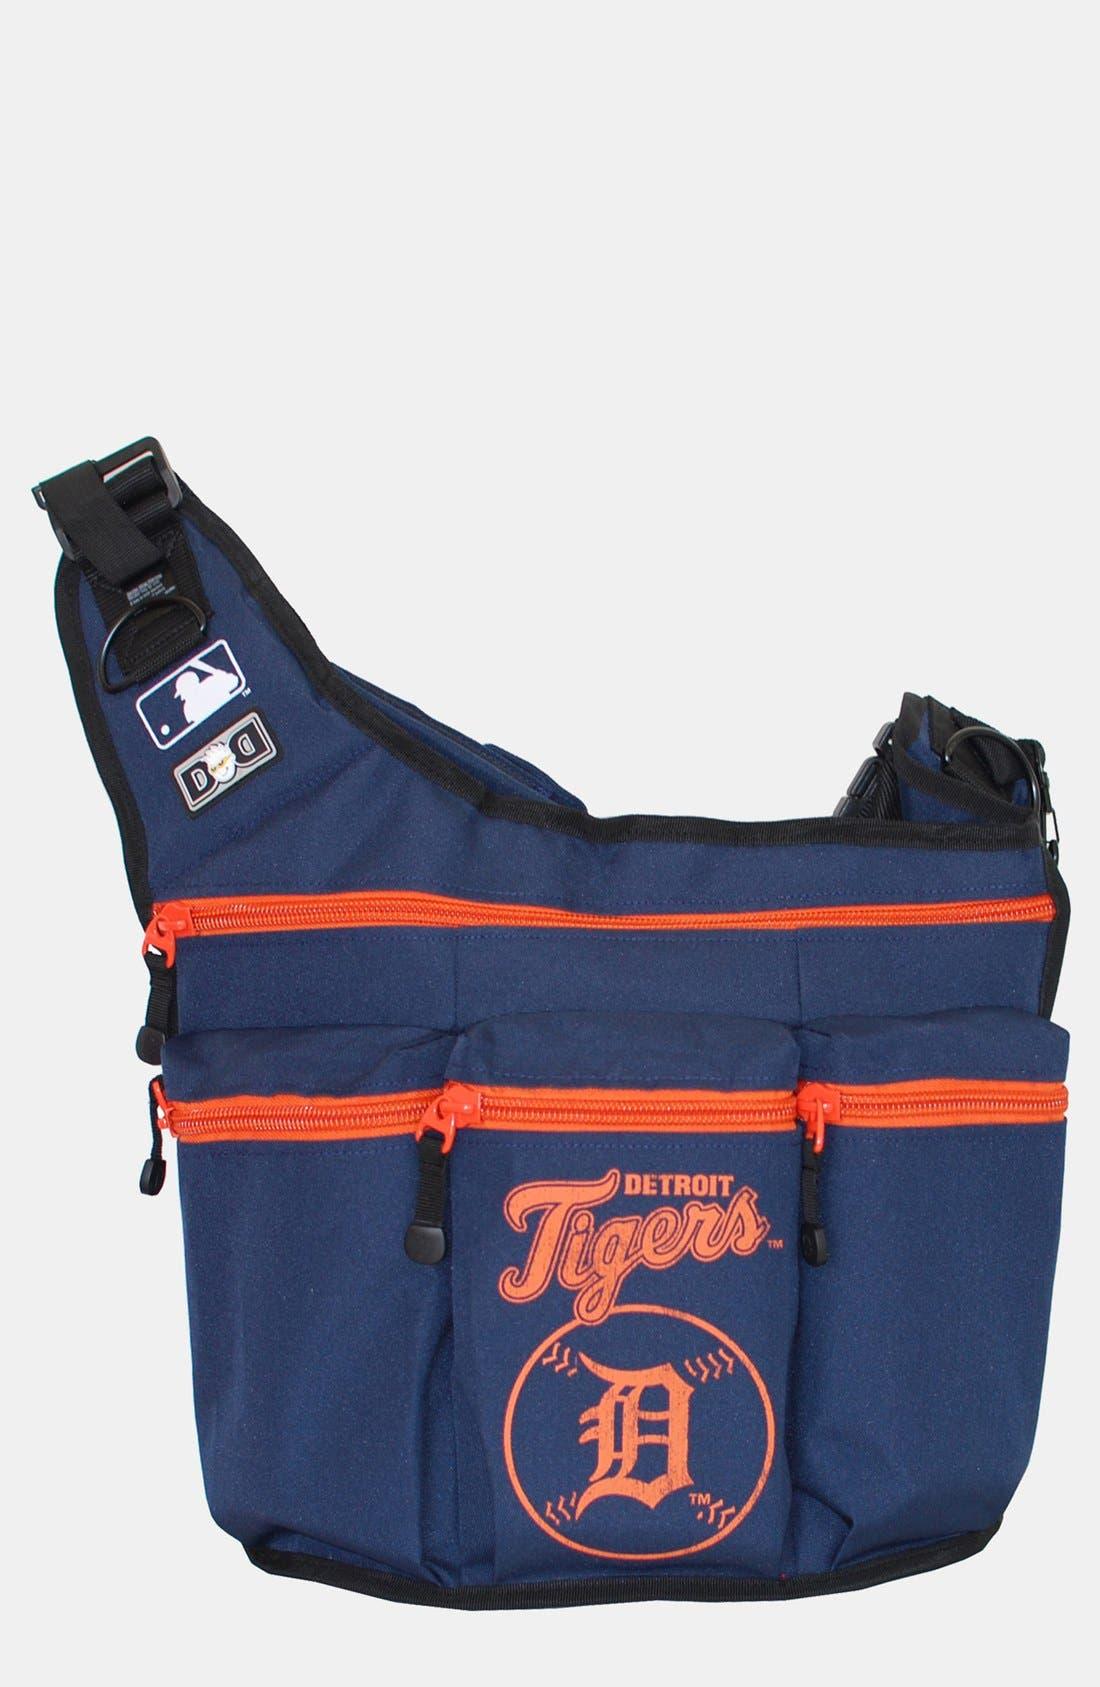 Alternate Image 1 Selected - Diaper Dude 'Detroit Tigers' Messenger Diaper Bag